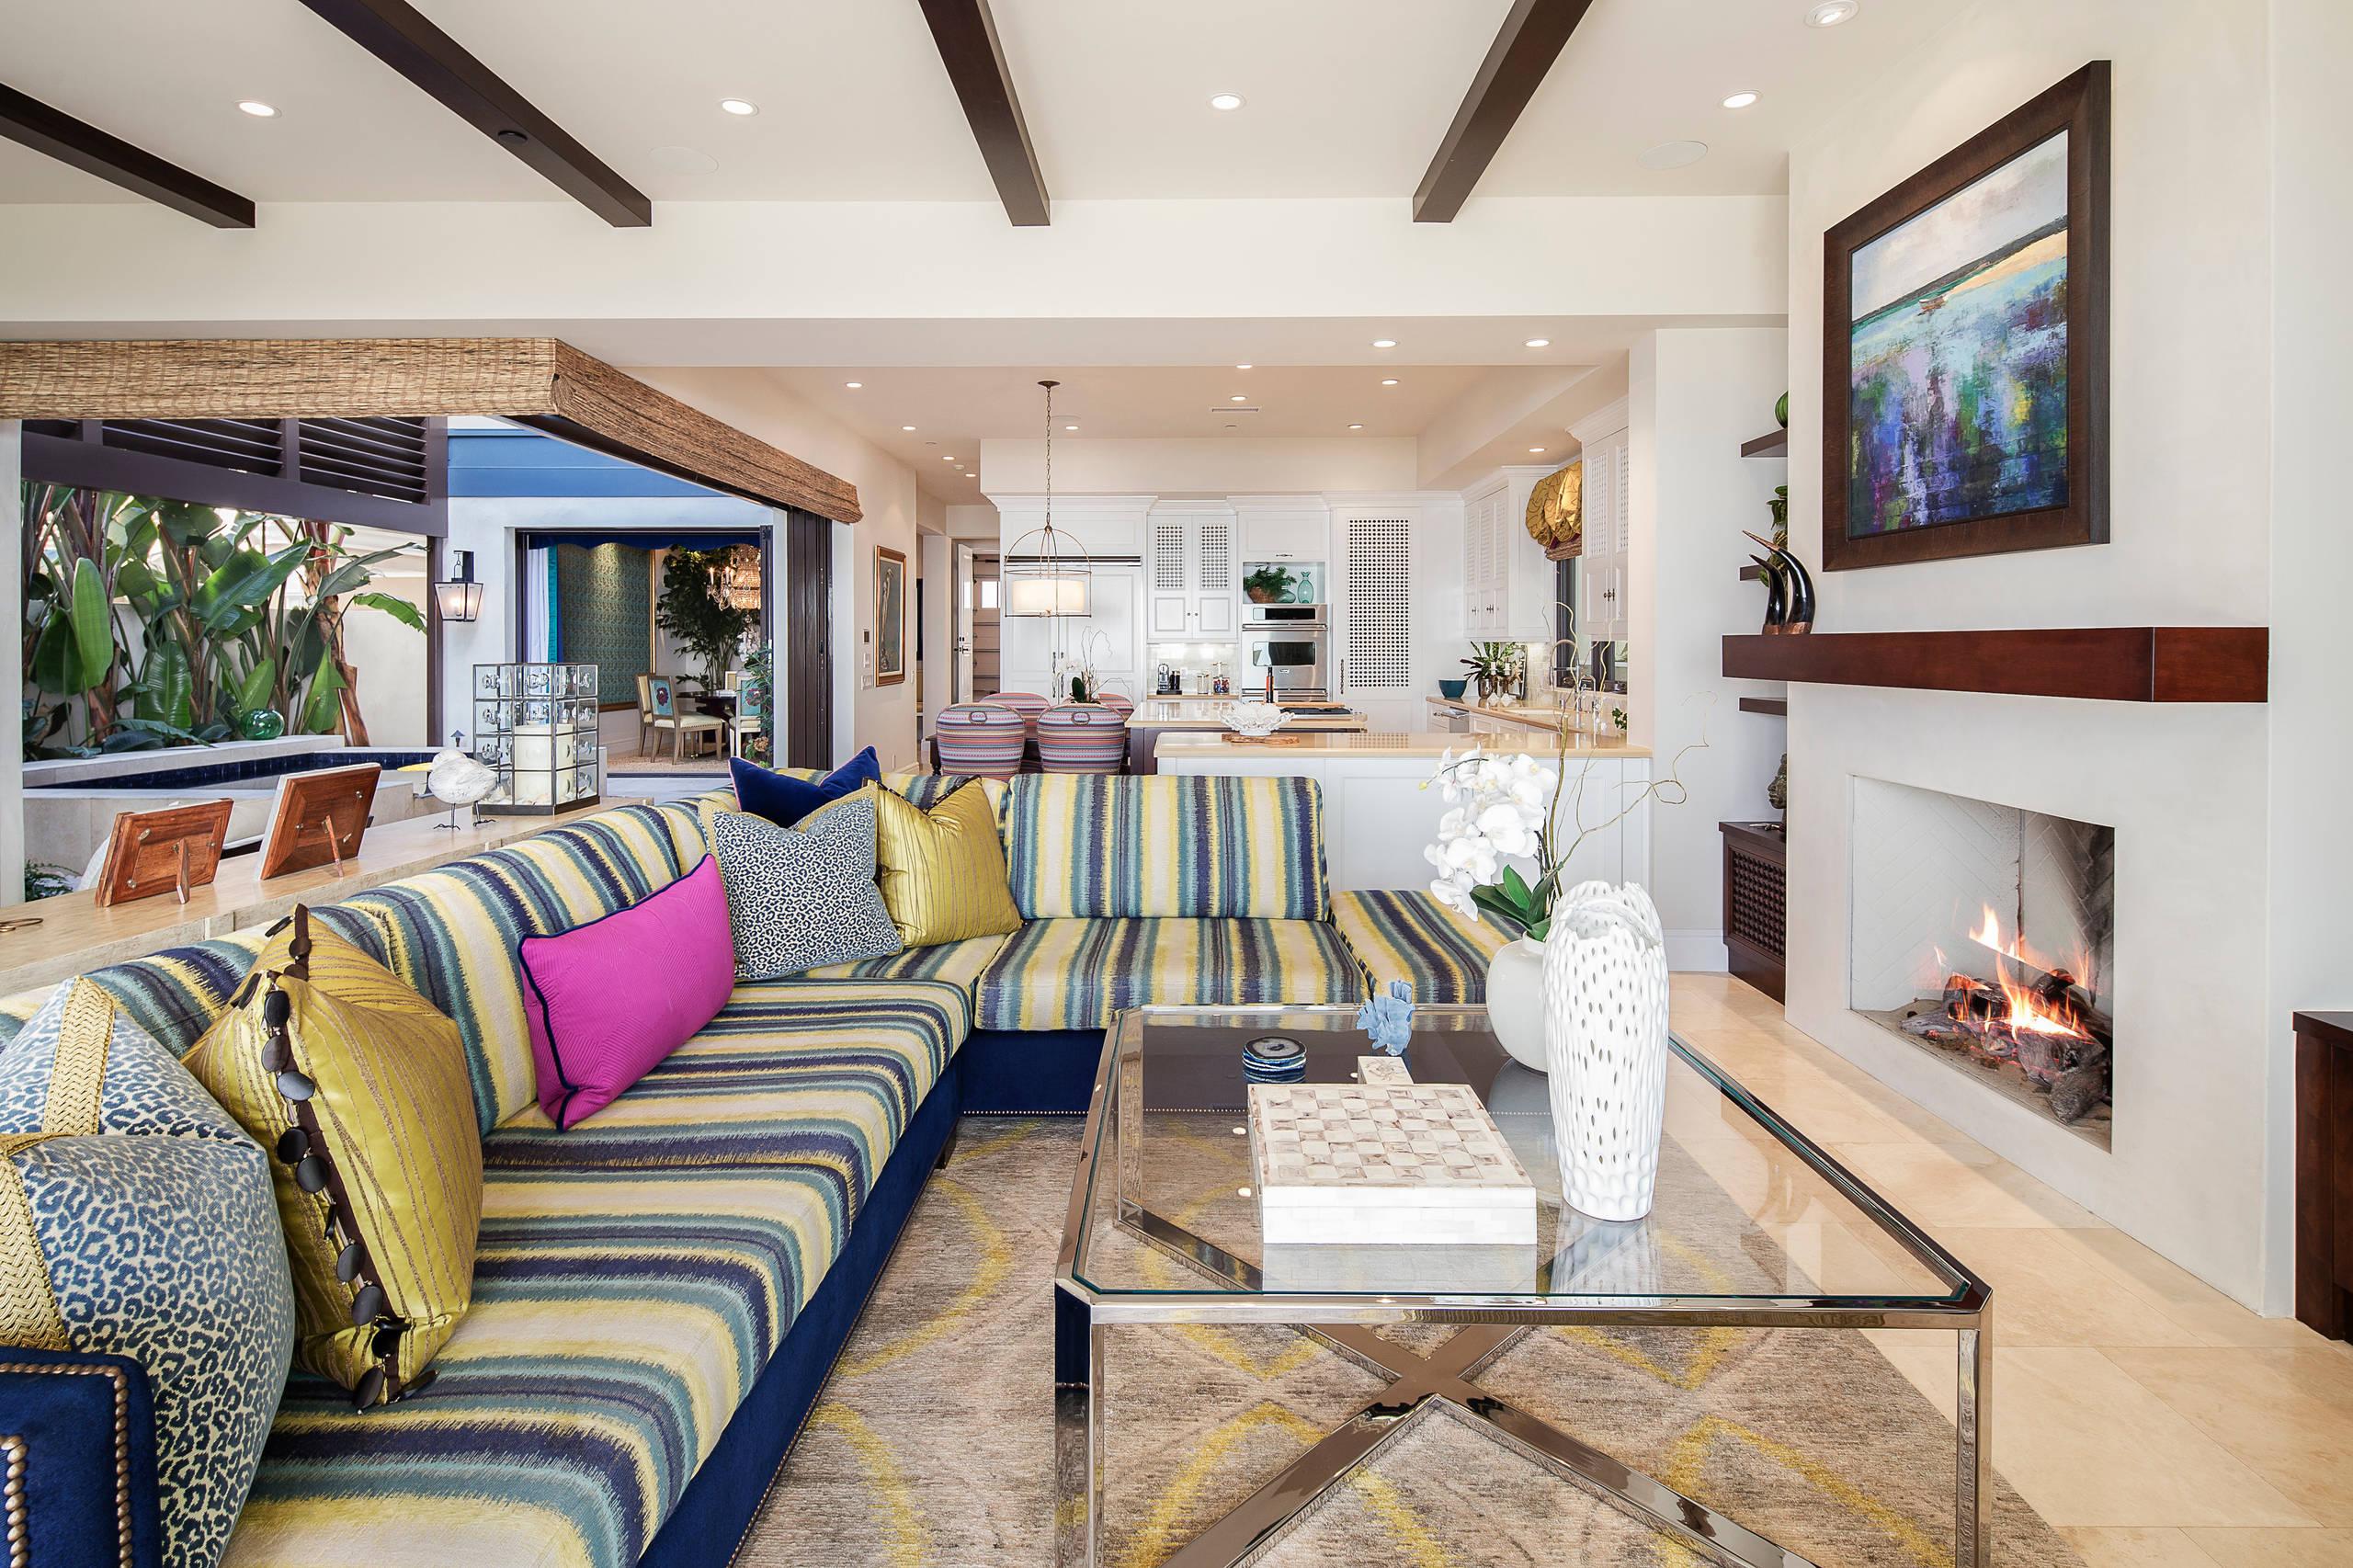 British Colonial meets Modern Beach House - Ocean Blvd